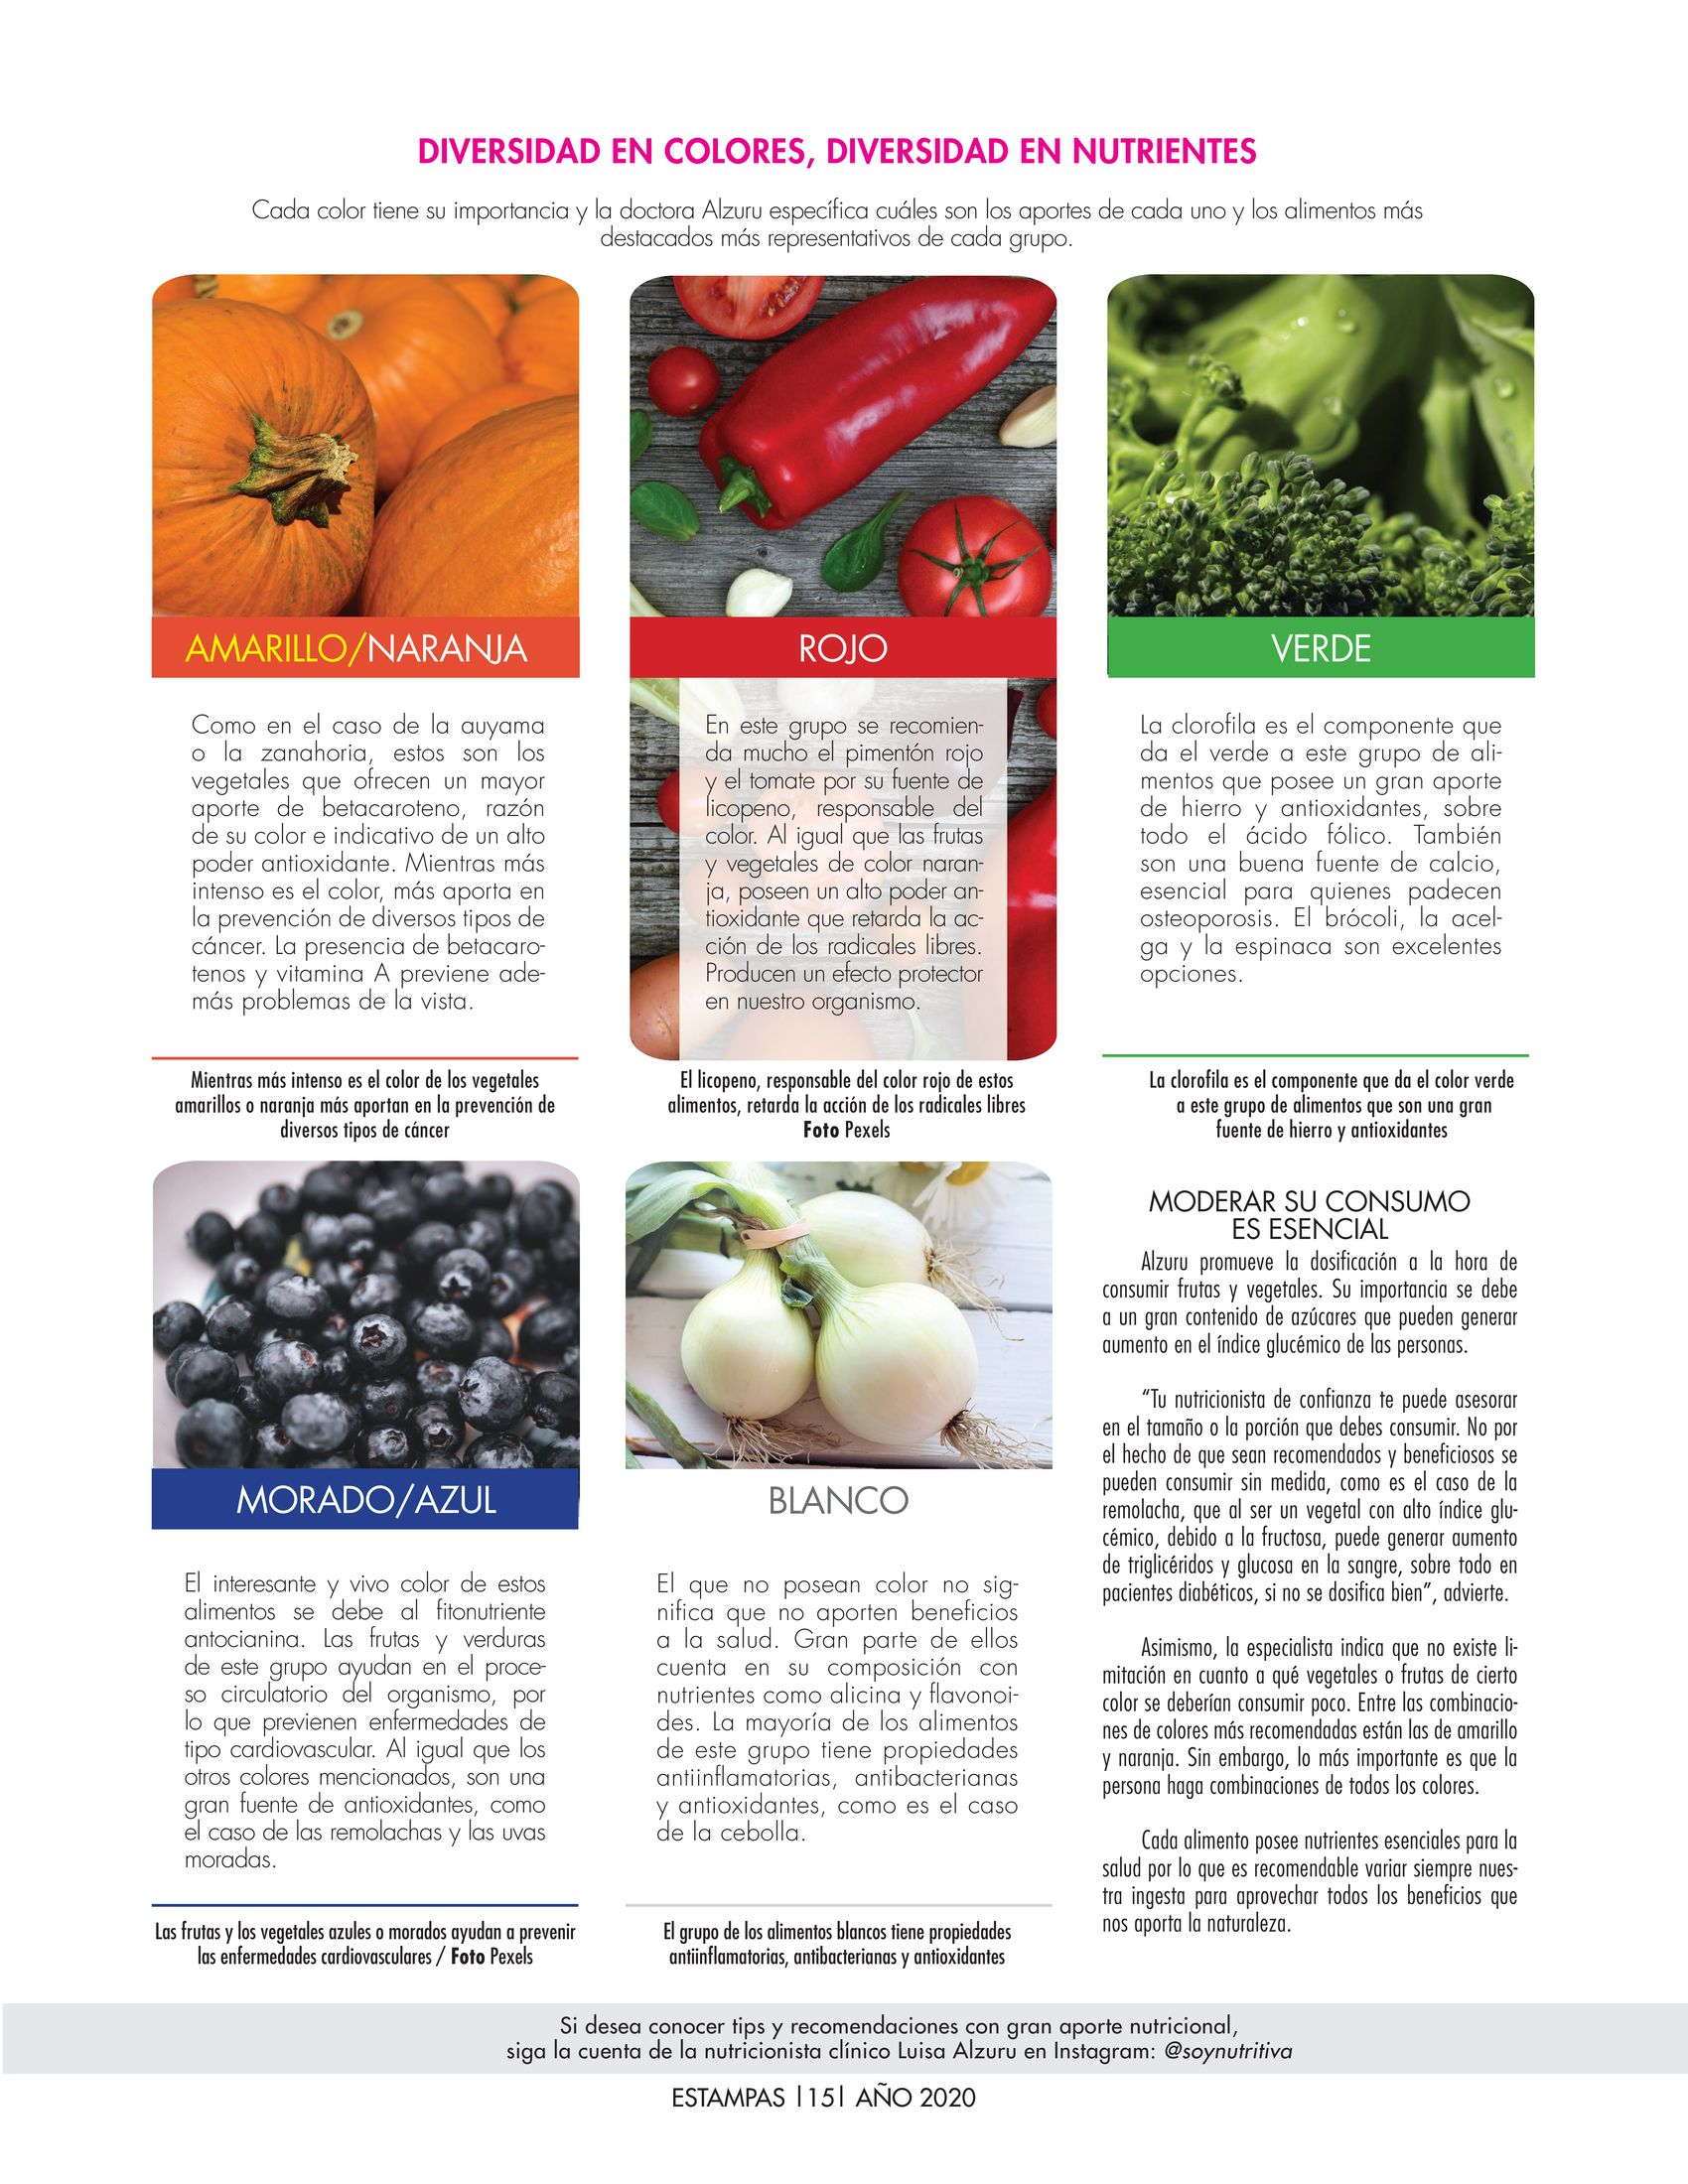 15-REV Salud: María Gabriela Esculpi - ¿Cómo funciona la teoría del color en los alimentos?